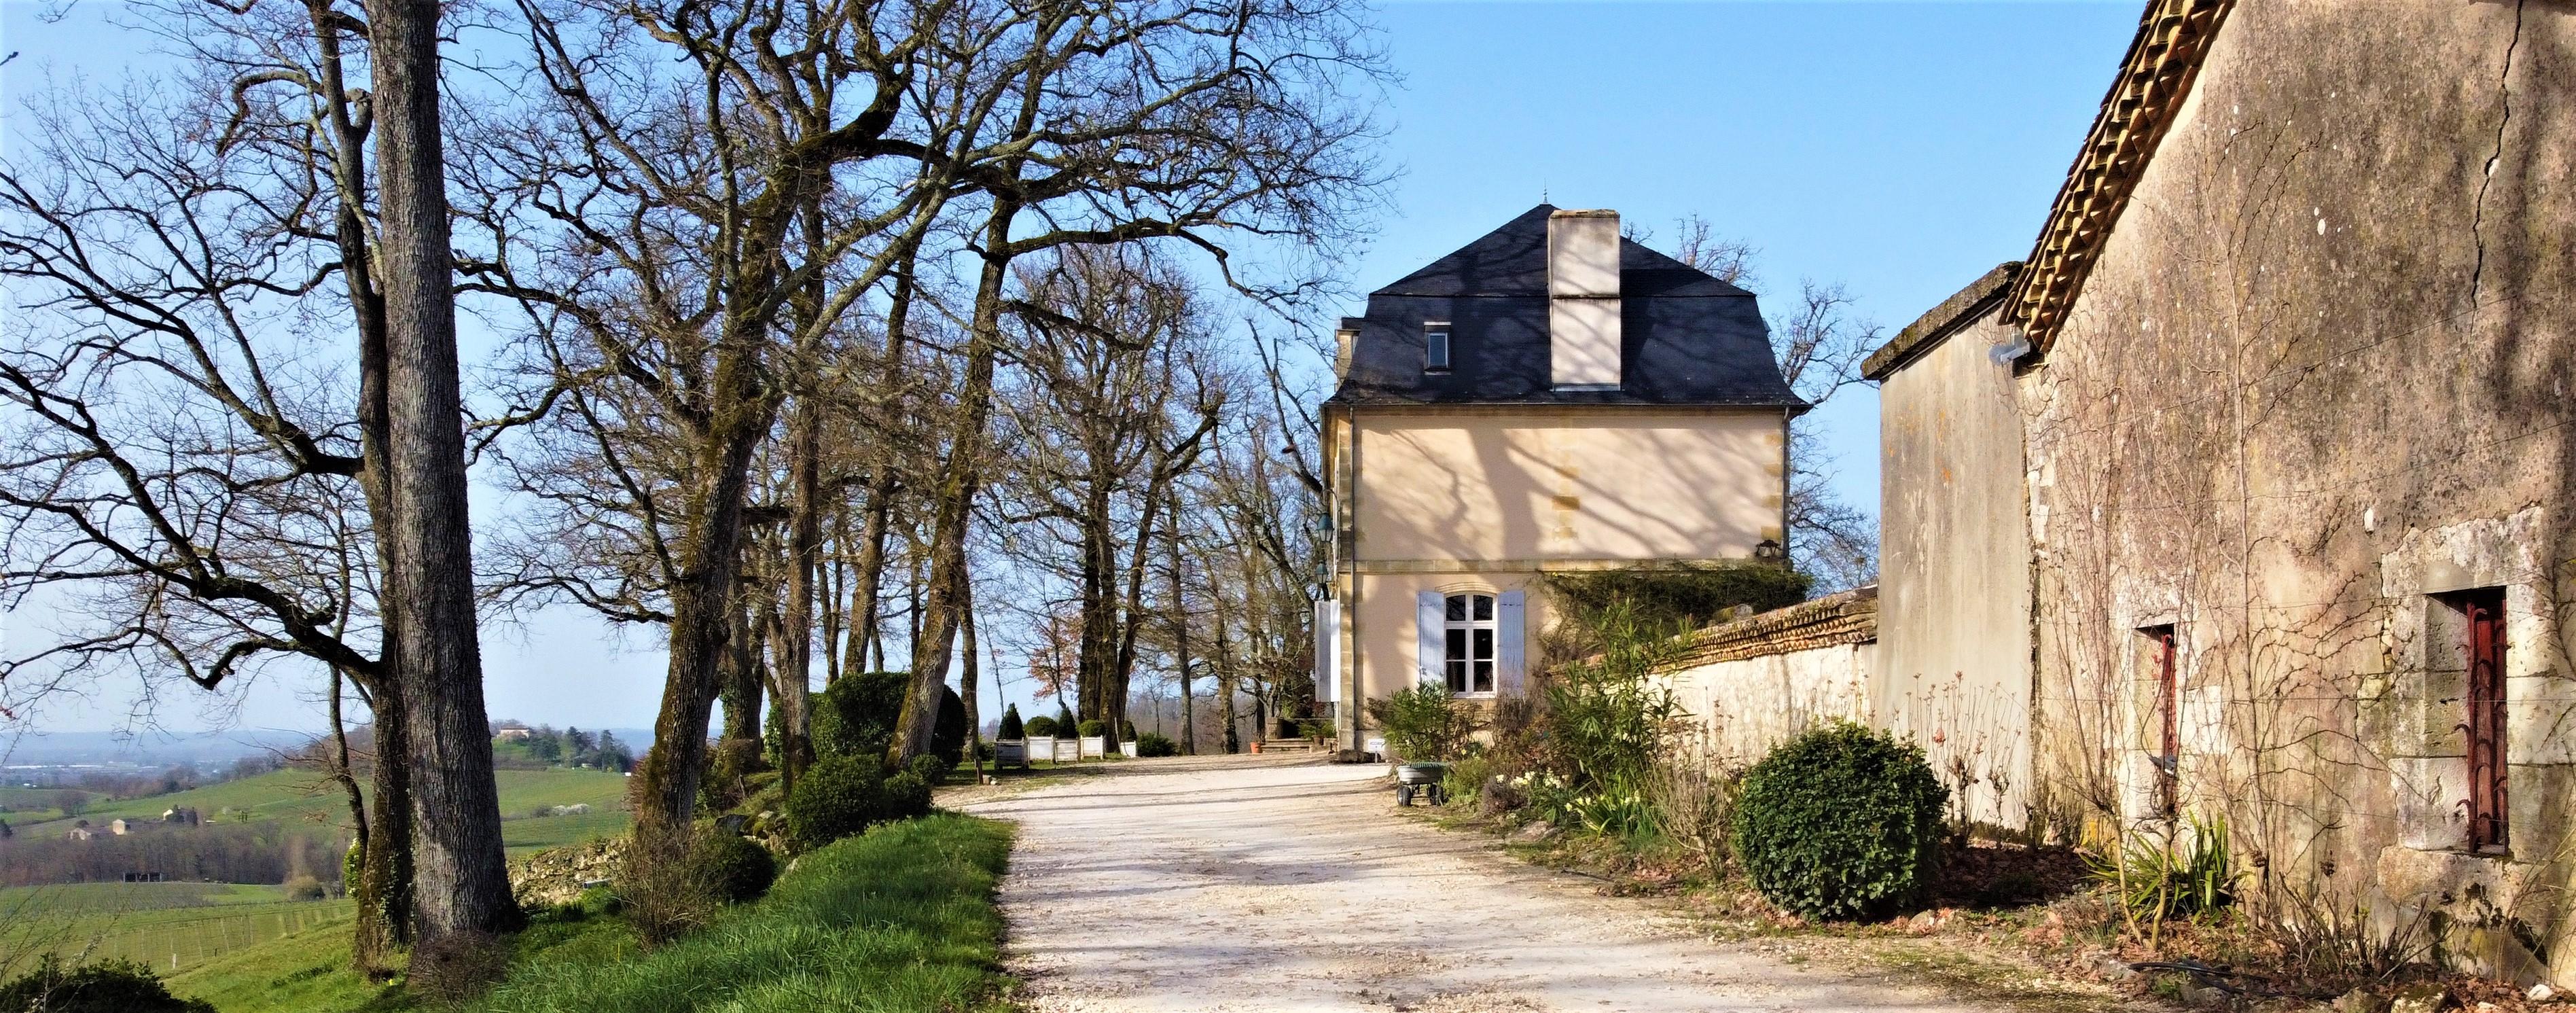 Vineyard for sale France